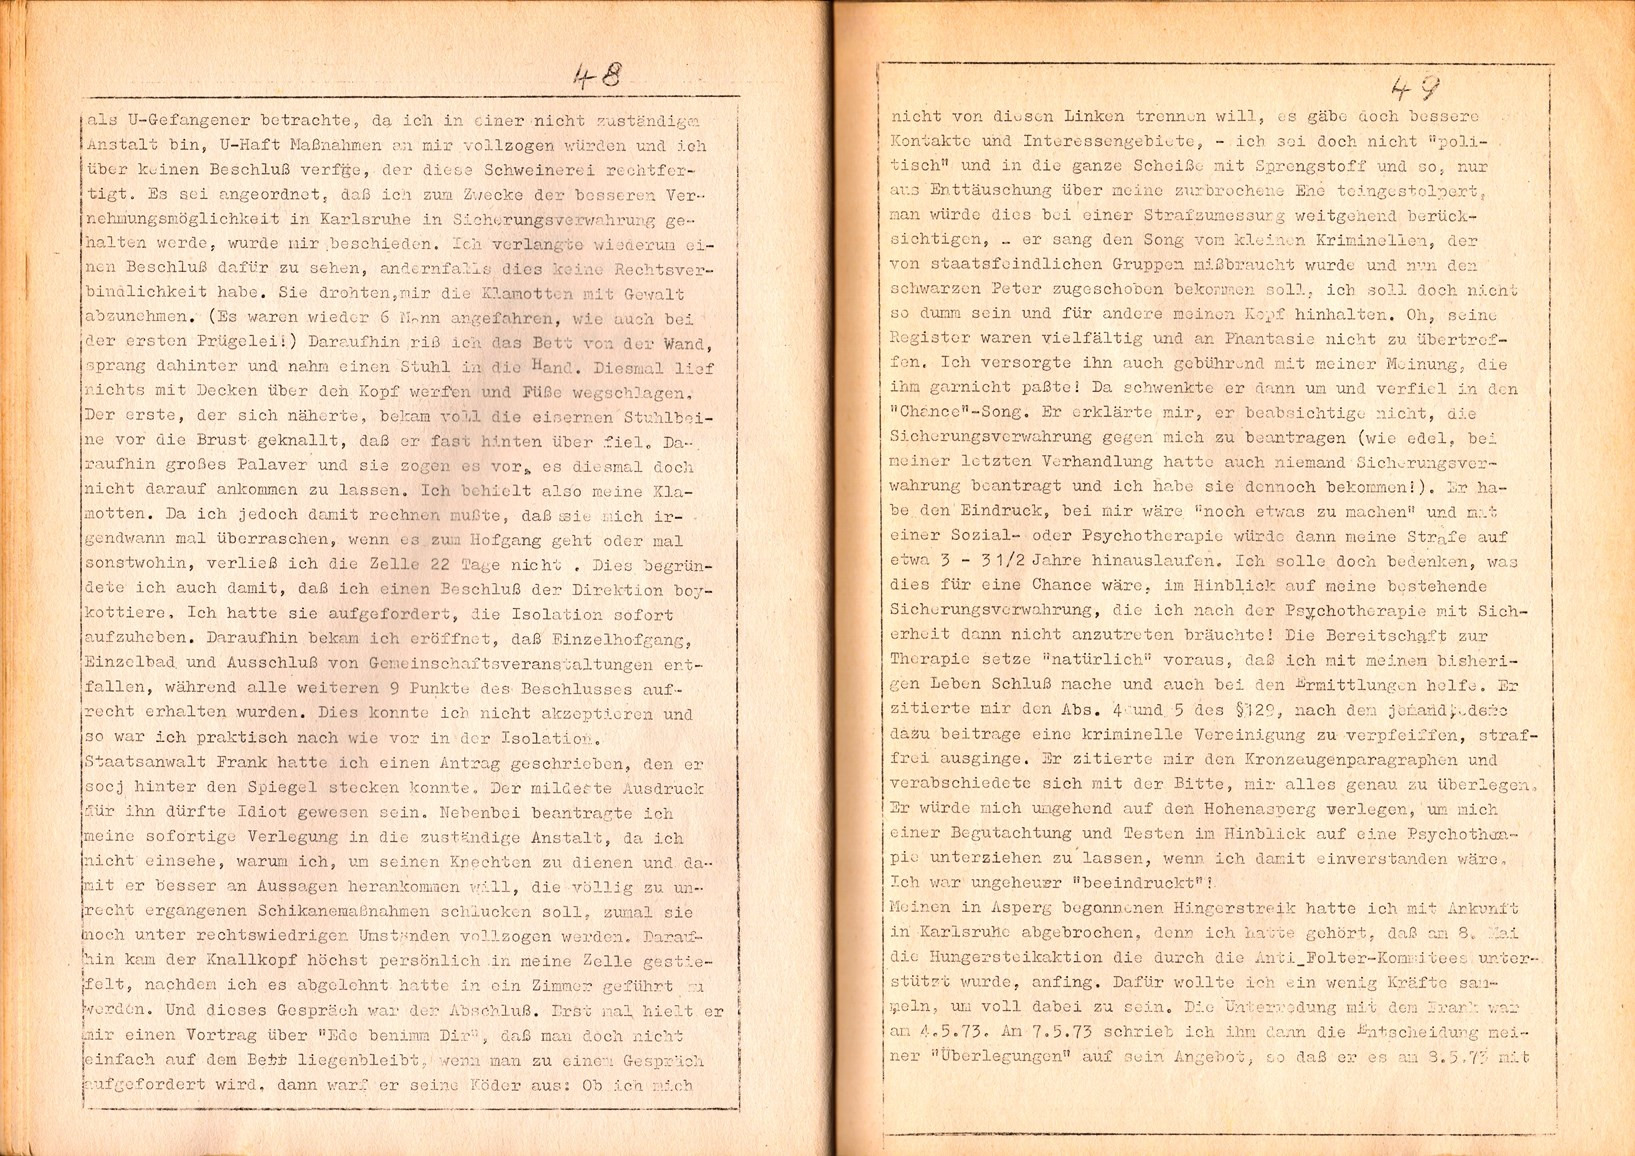 Wetzlar_Marburg_RH_SK_Lutz_Buhr_Knast_1973_25